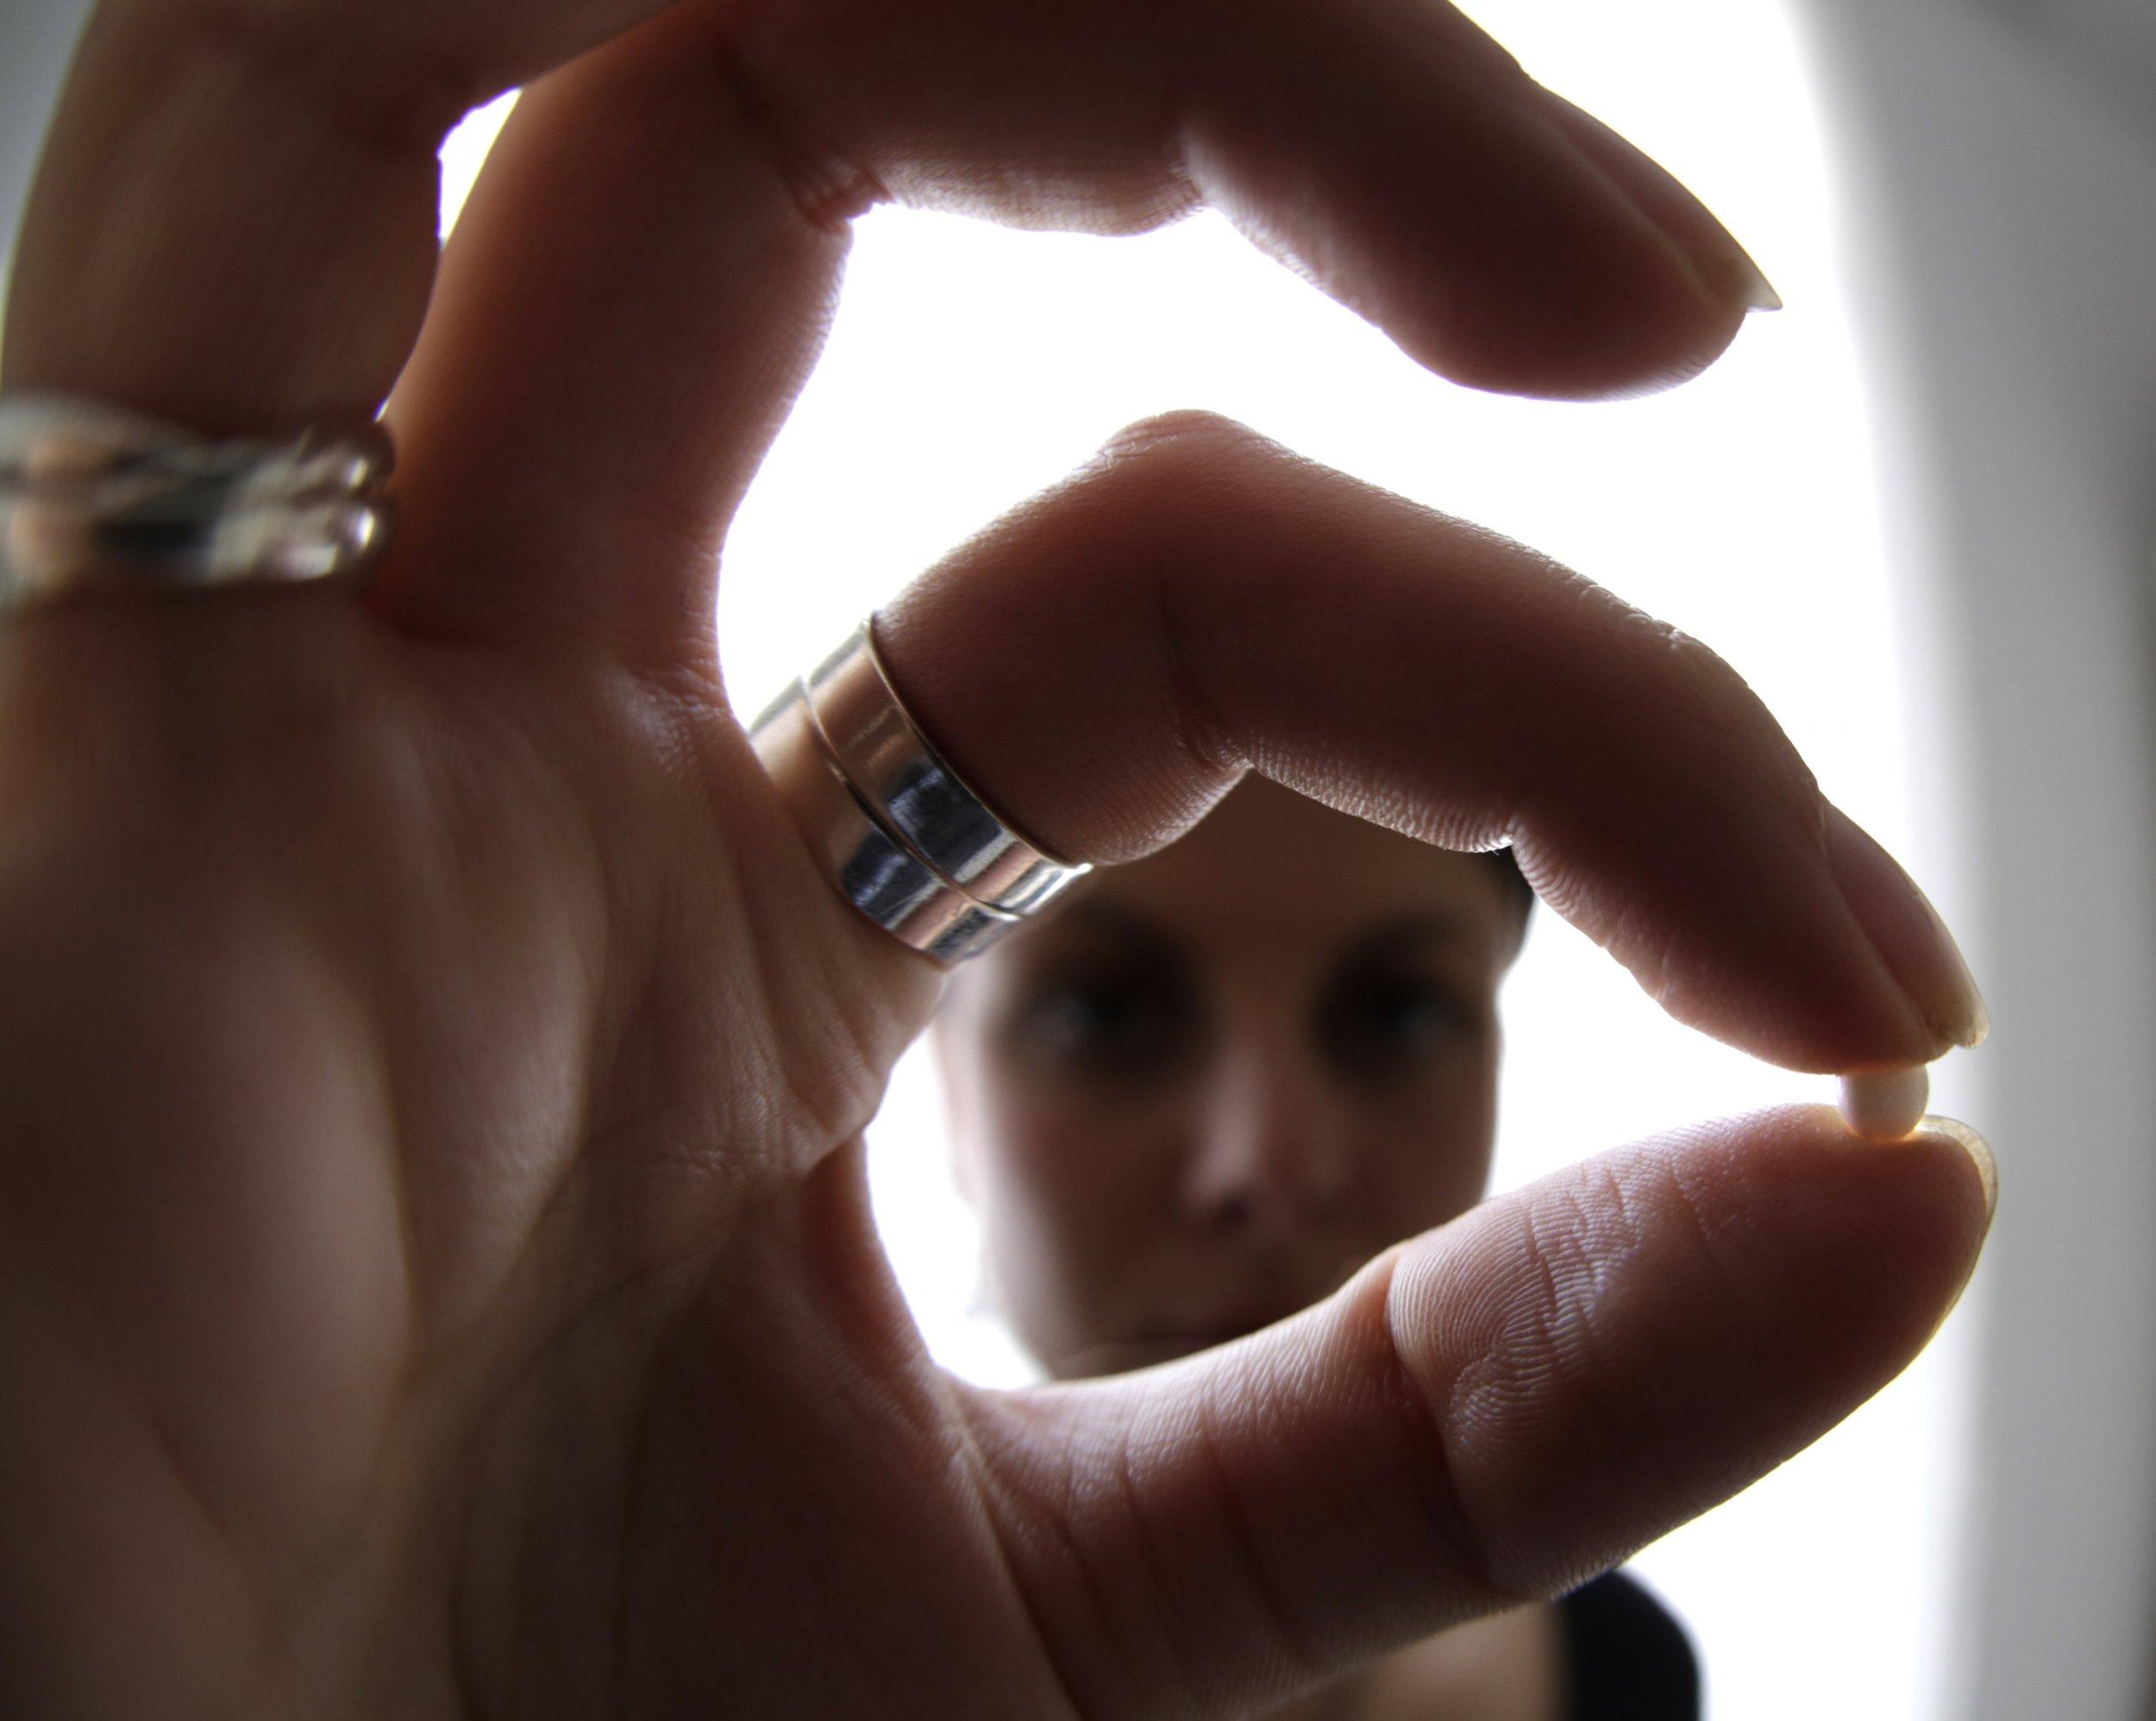 10_04_contraceptivesanddepression_01